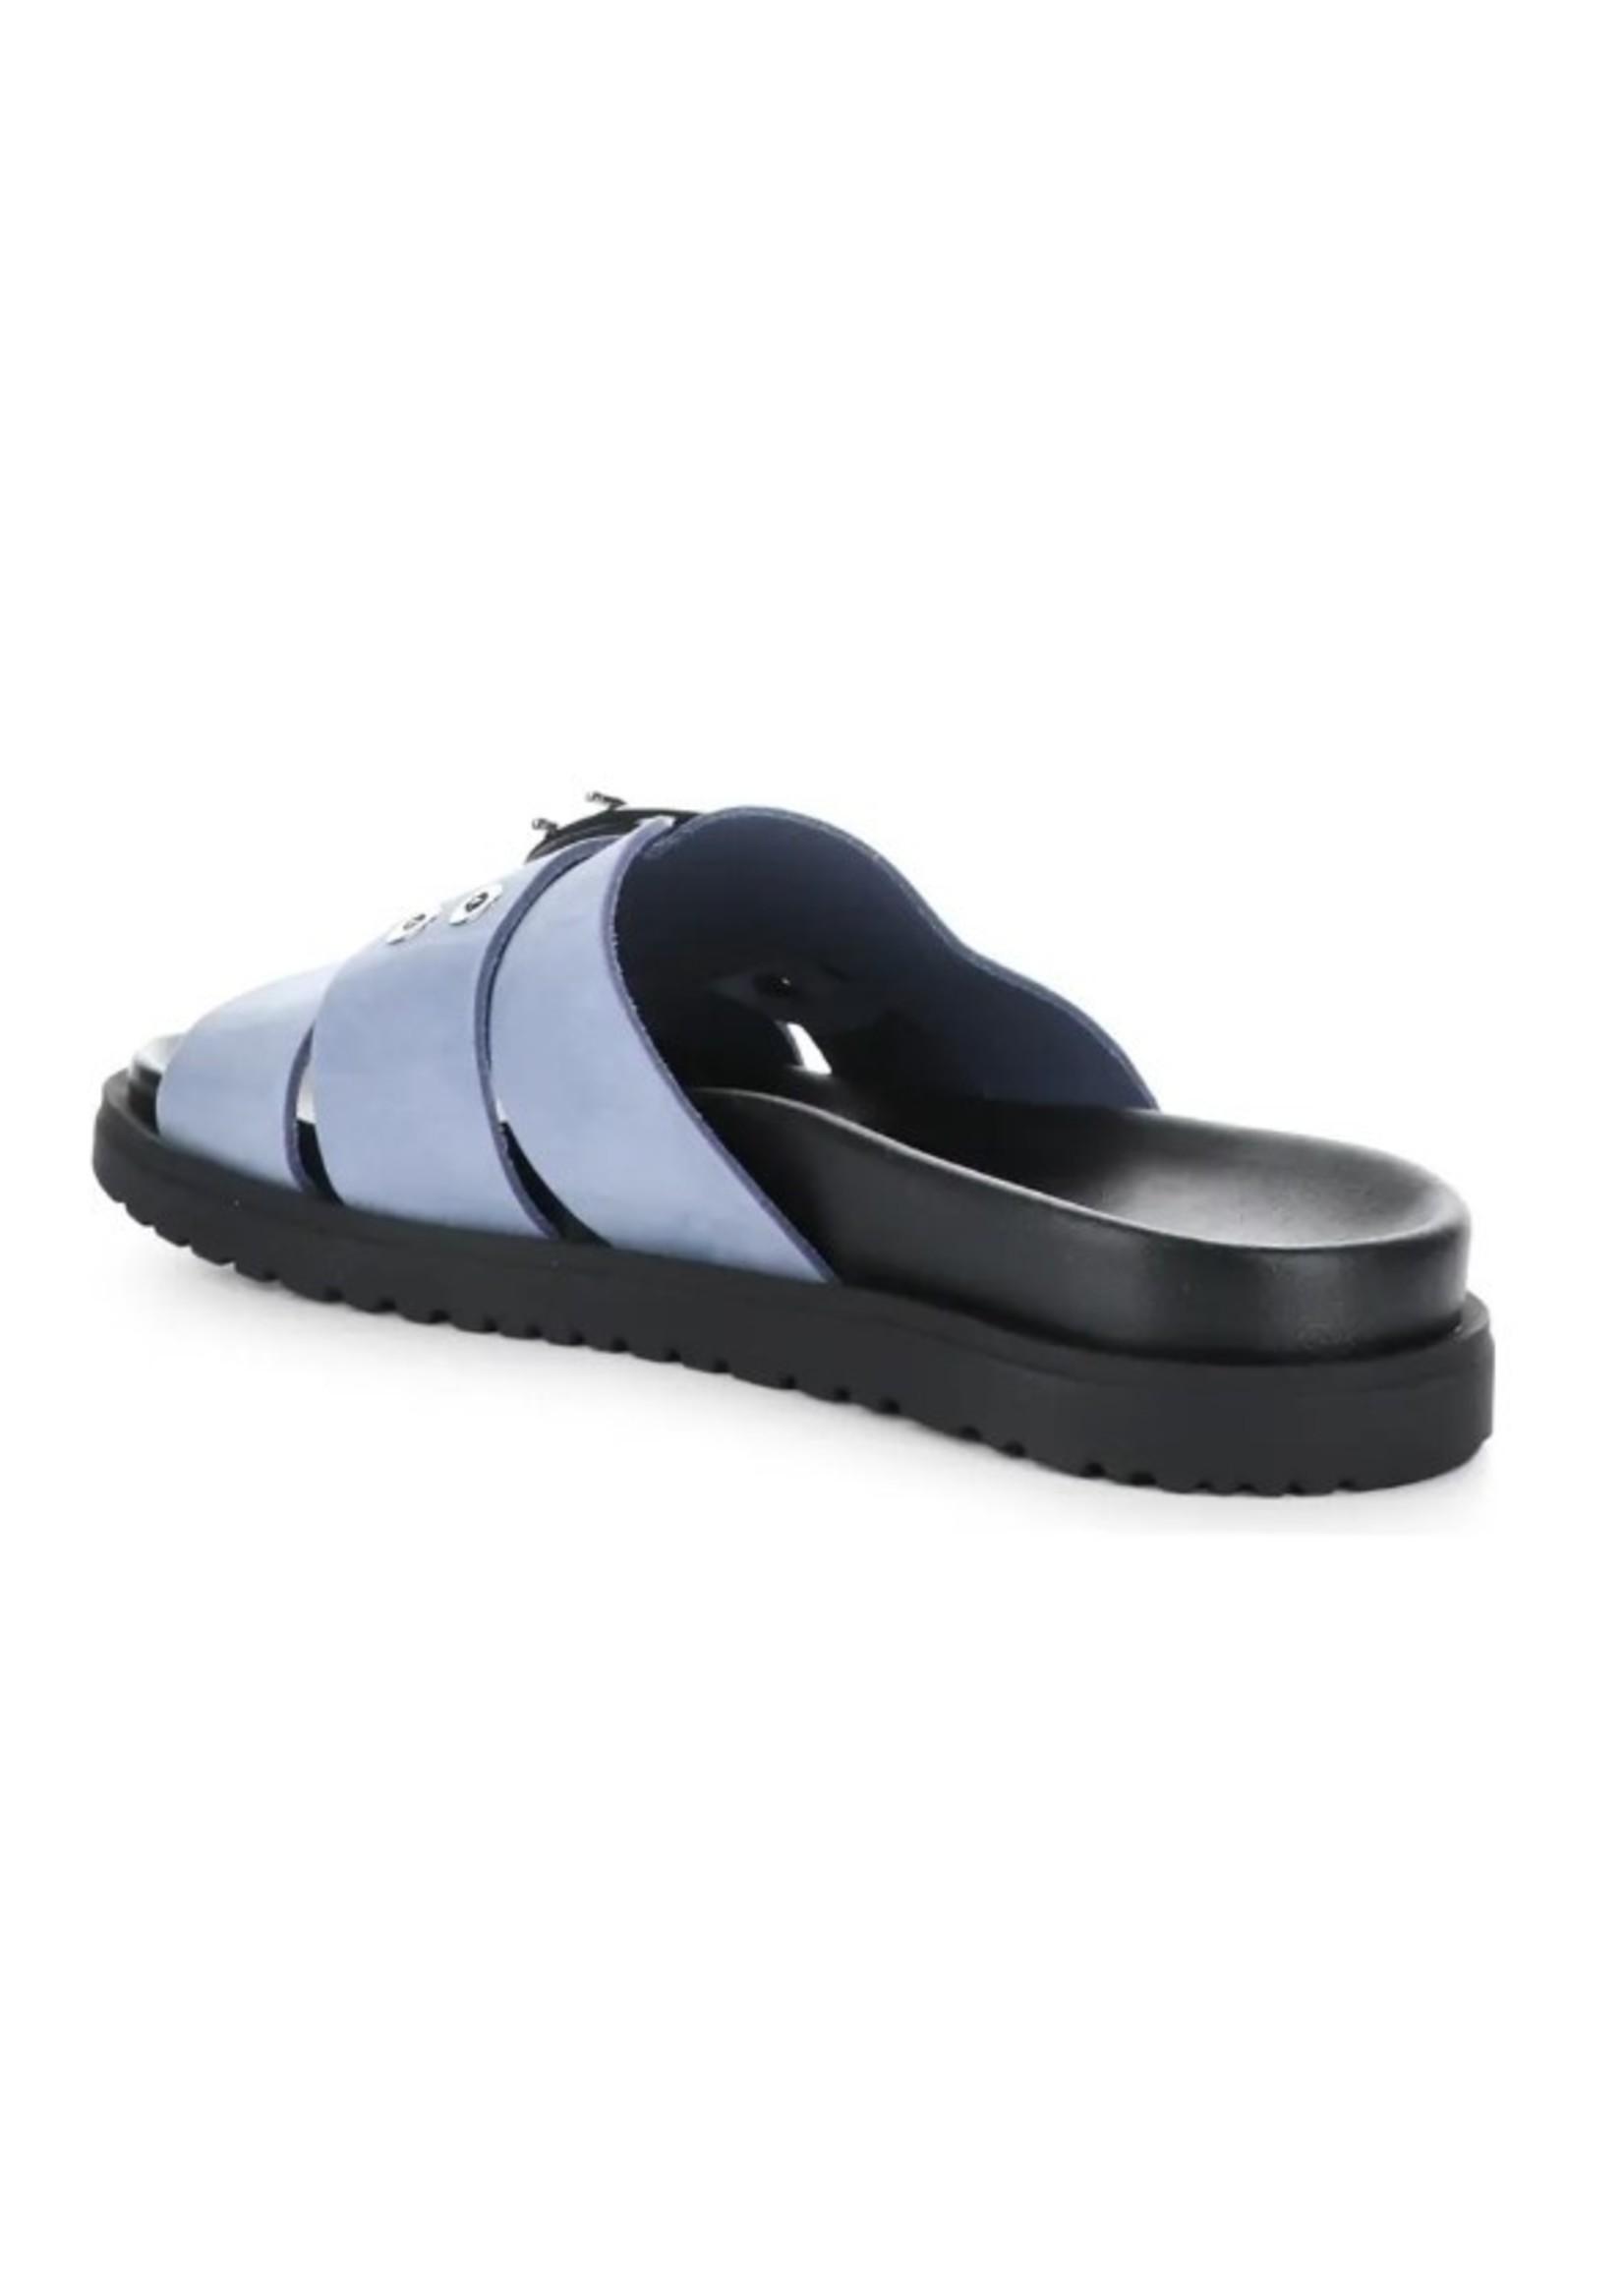 Salerno Buckled Sandals